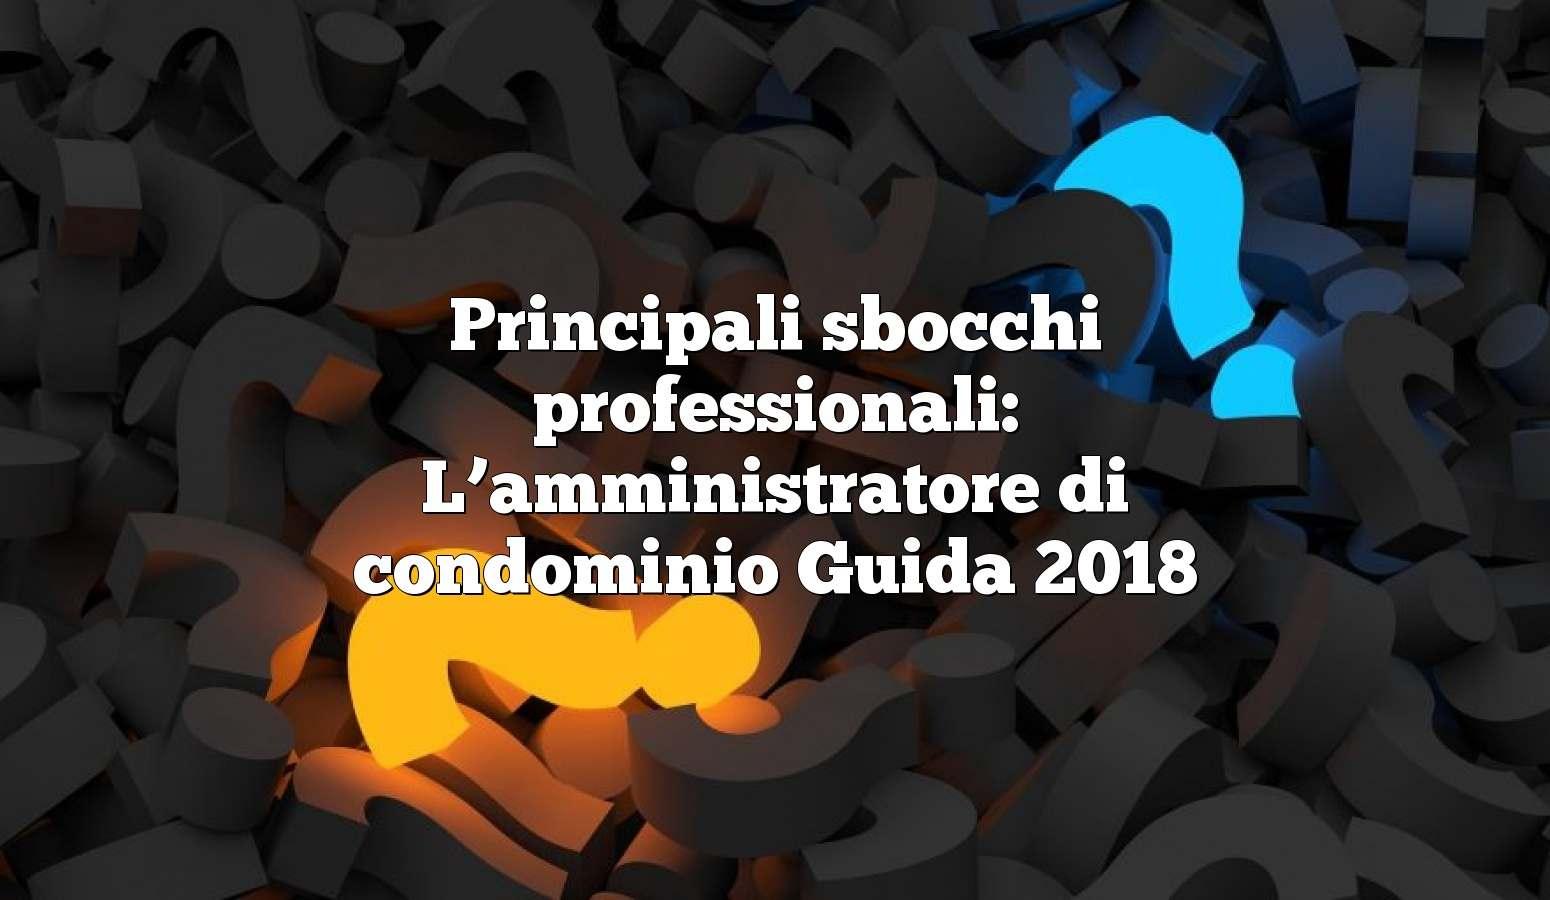 Principali sbocchi professionali: L'amministratore di condominio Guida 2018